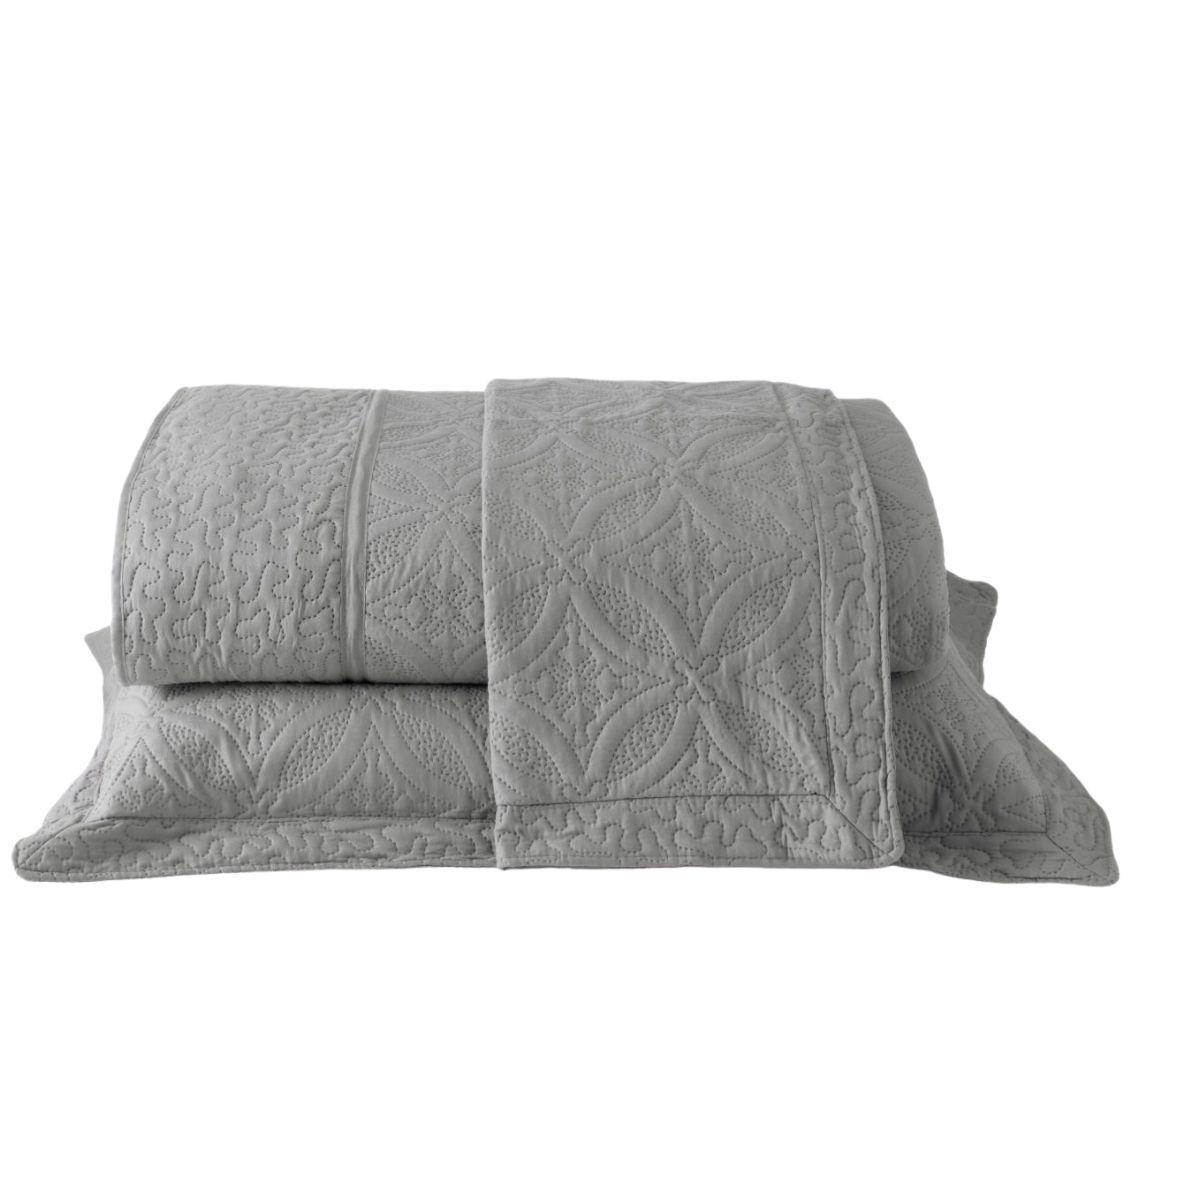 Kit: 1 Colcha Cobre-leito Provence Casal de Microfibra Ultrasonic + 2 Porta-travesseiros CINZA GELO